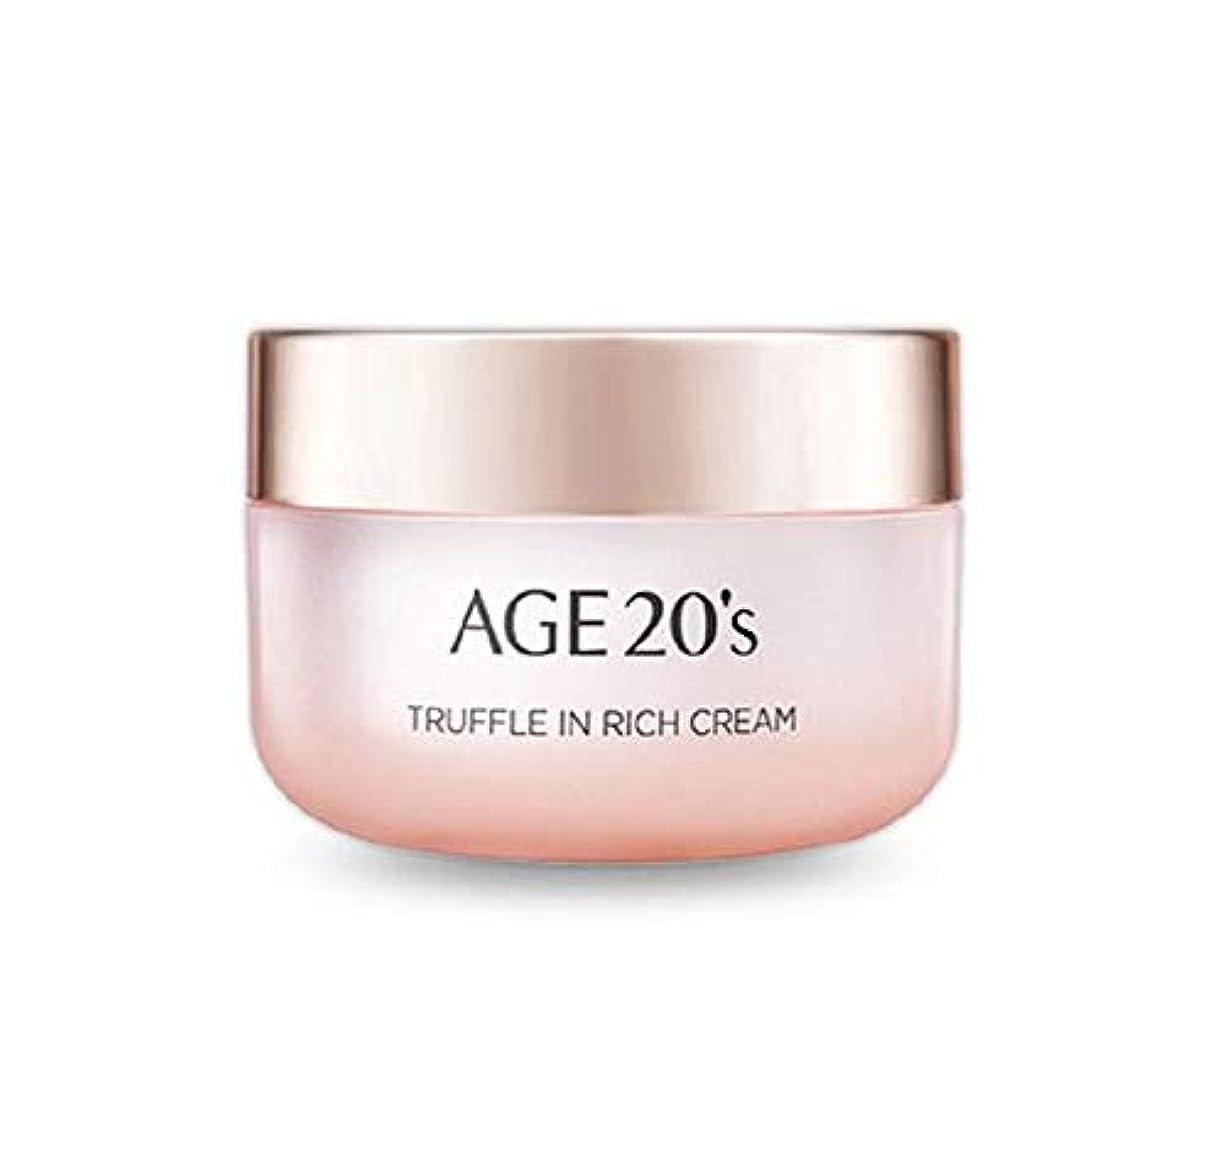 支配するラフト同情的エイジトゥエンティスAge20's 韓国コスメ トリュフリッチ クリーム 50g 海外直送品 Truffle in rich Cream [並行輸入品]